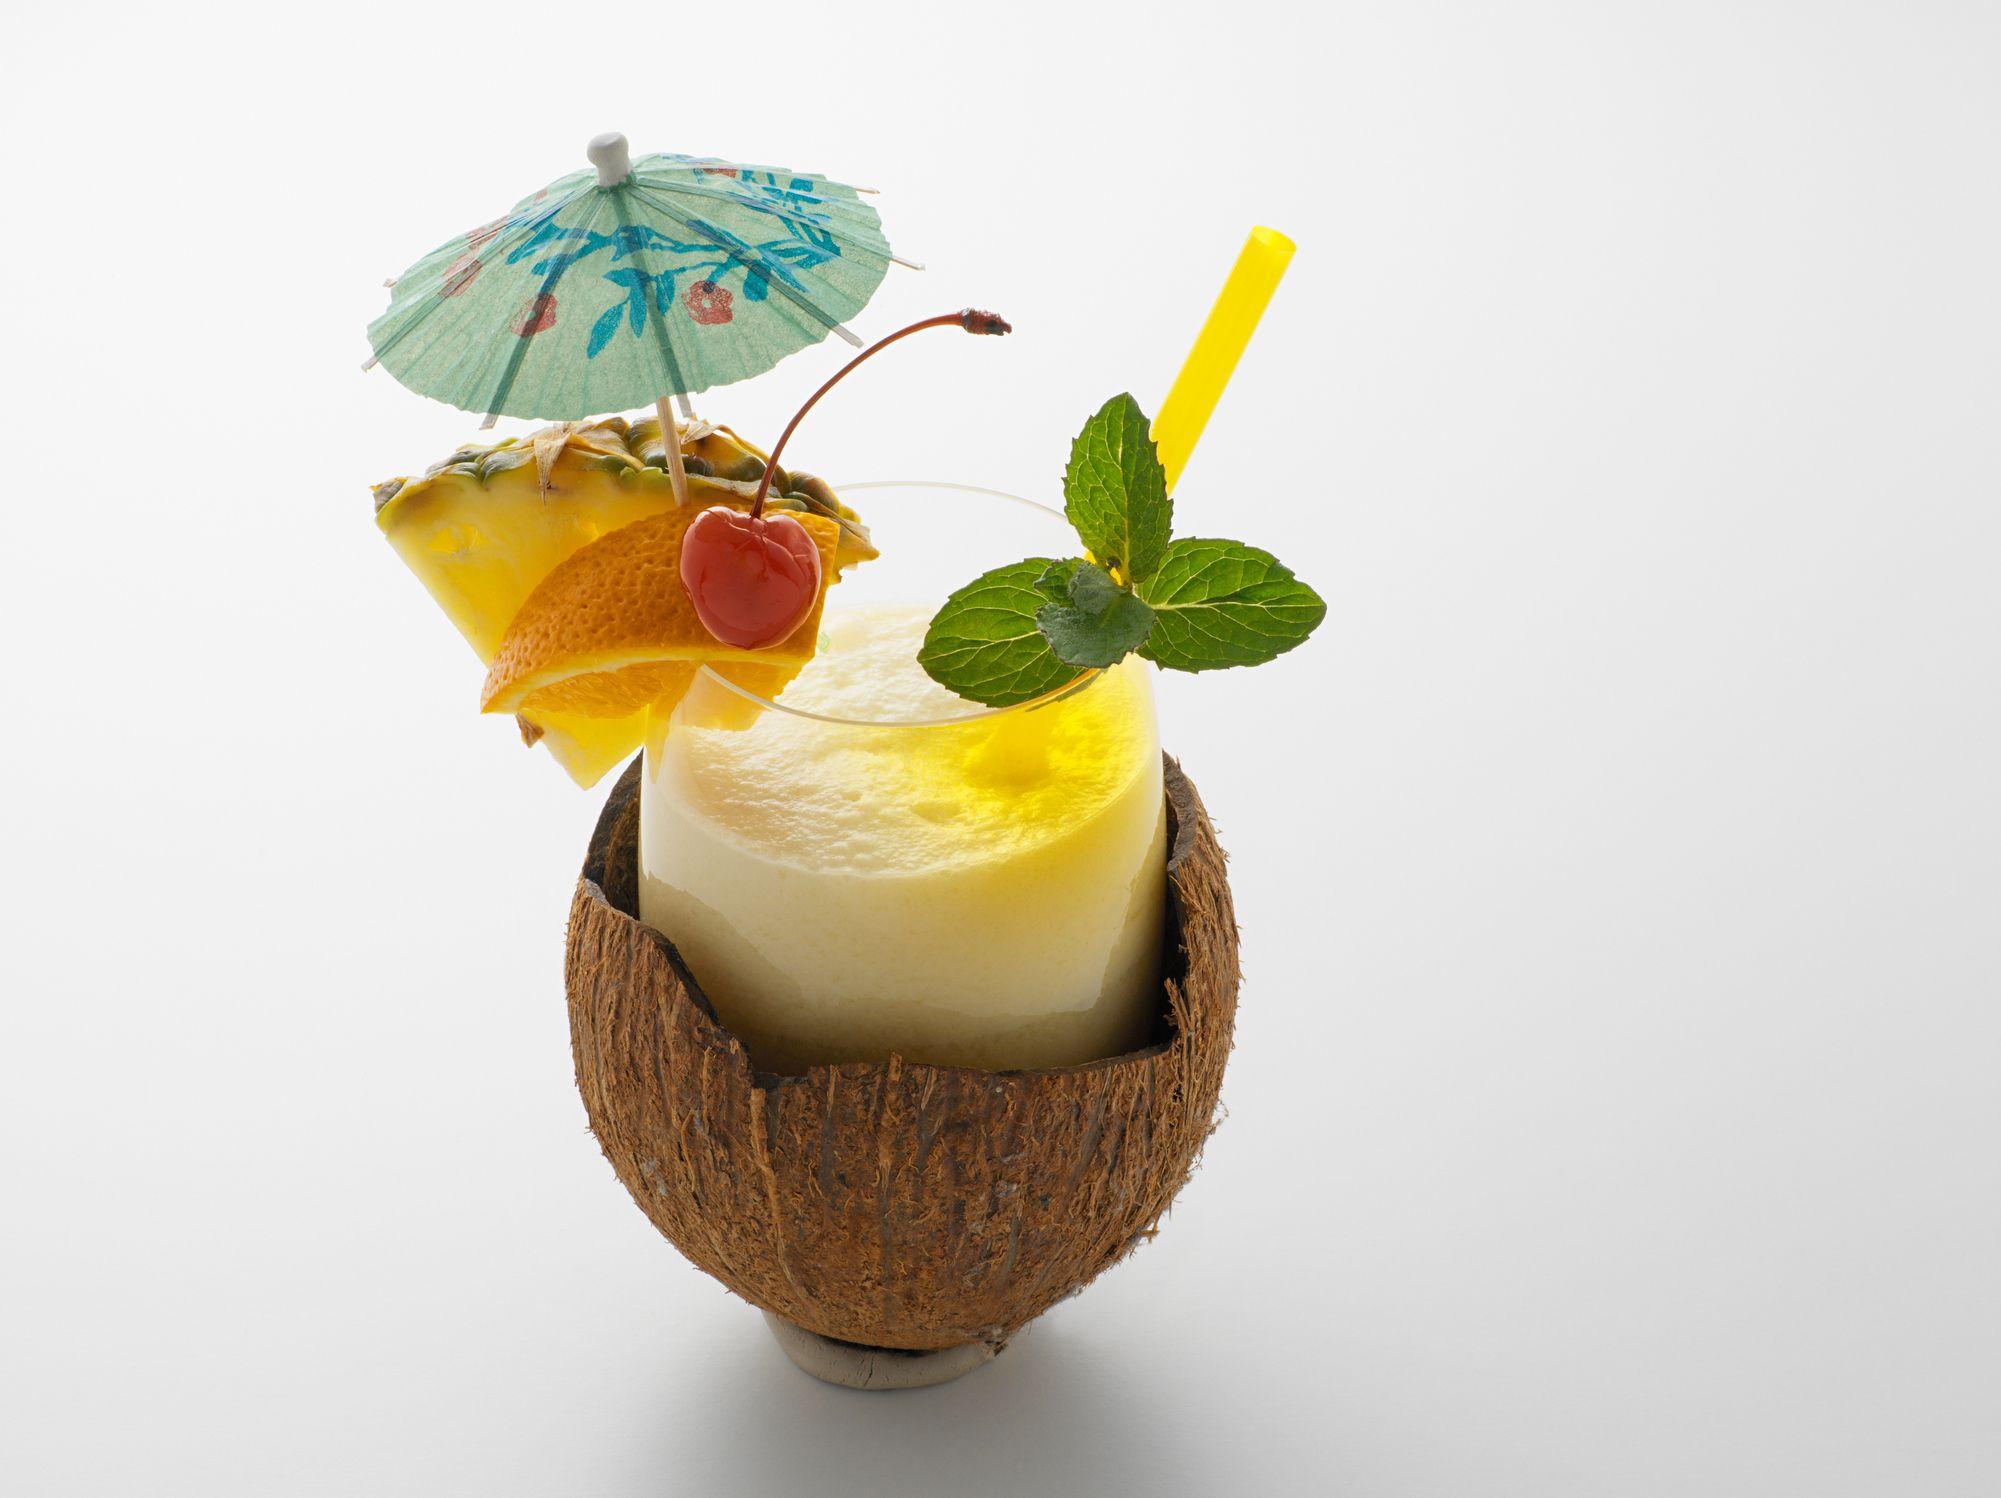 Virgin Pina Colada Recipe A Non Alcoholic Alternative